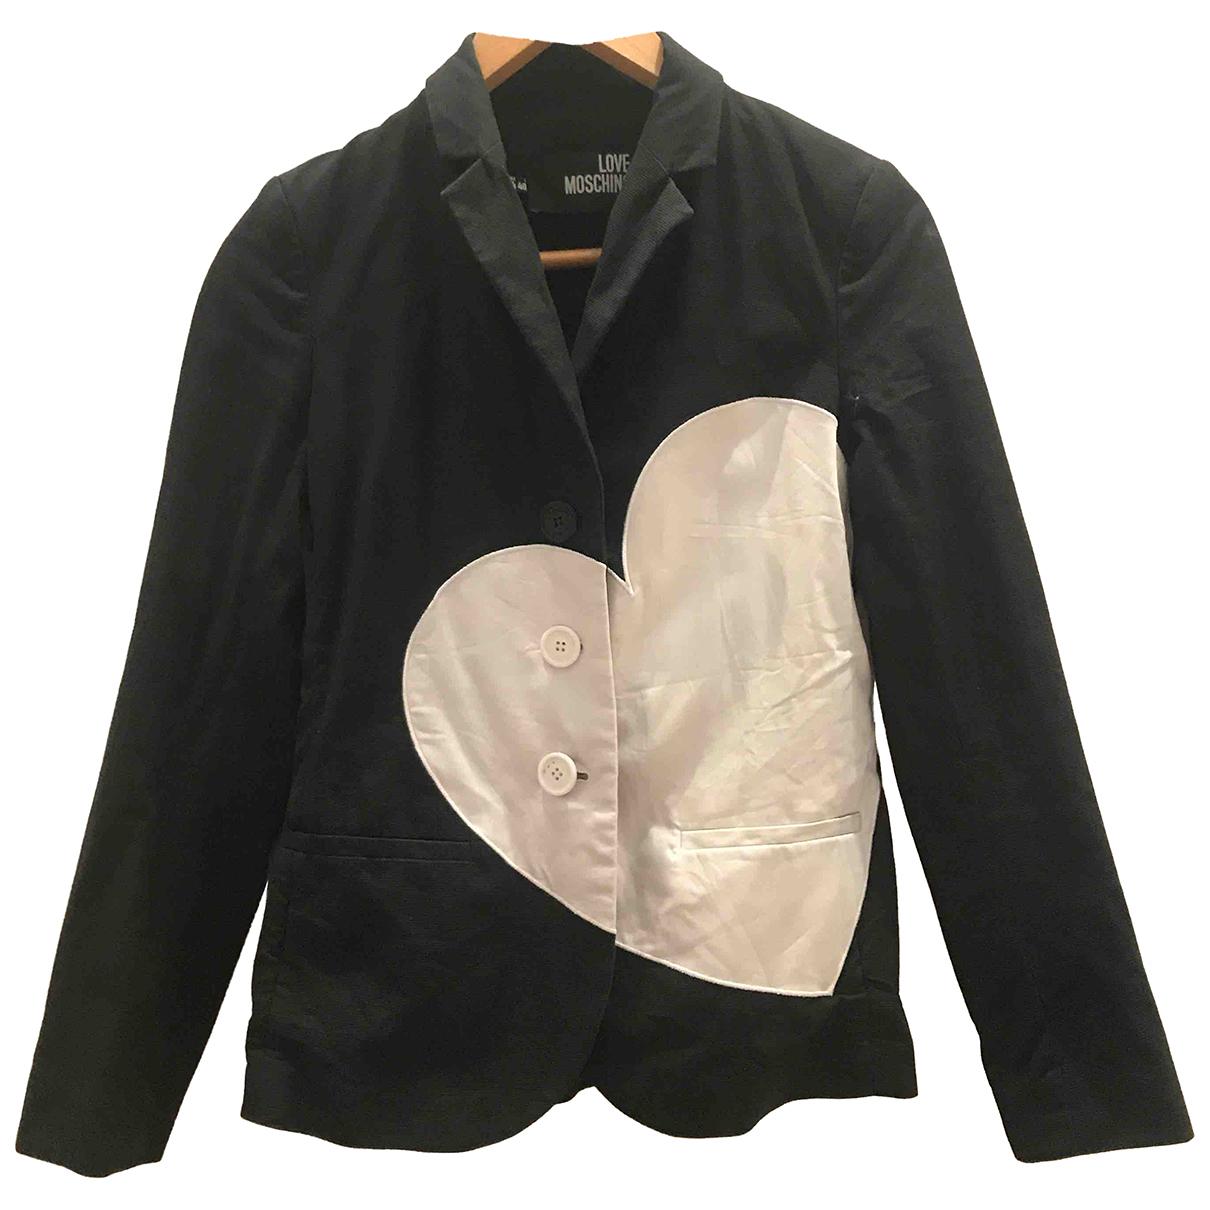 Moschino Love \N Jacke in  Schwarz Baumwolle